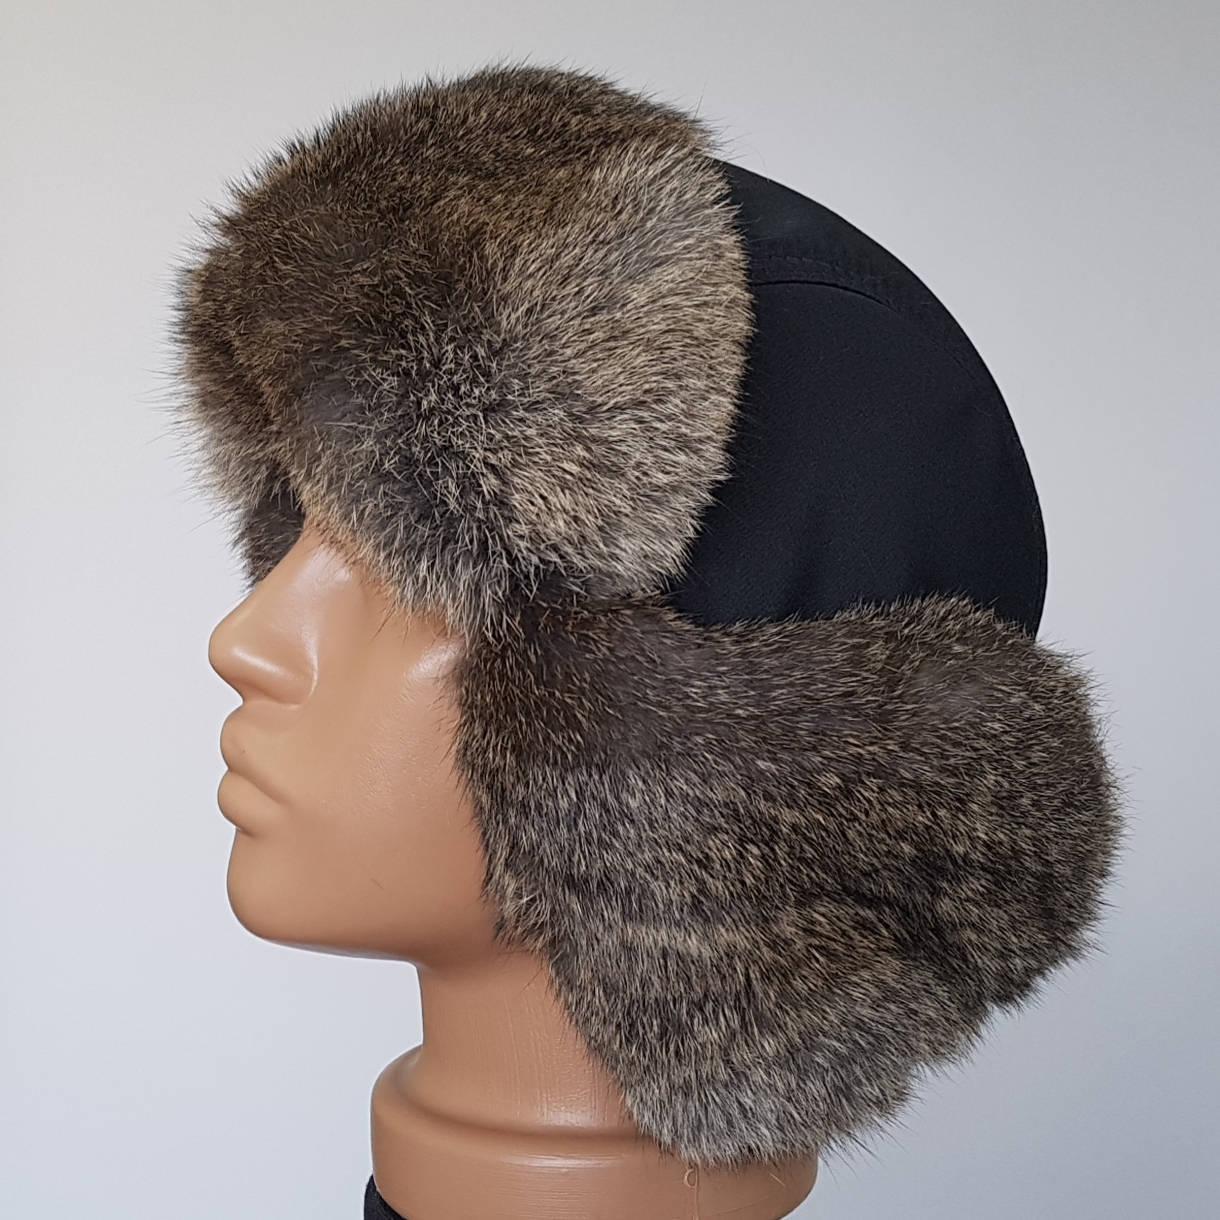 Мужская шапка ушанка с коричневым мехом кролика